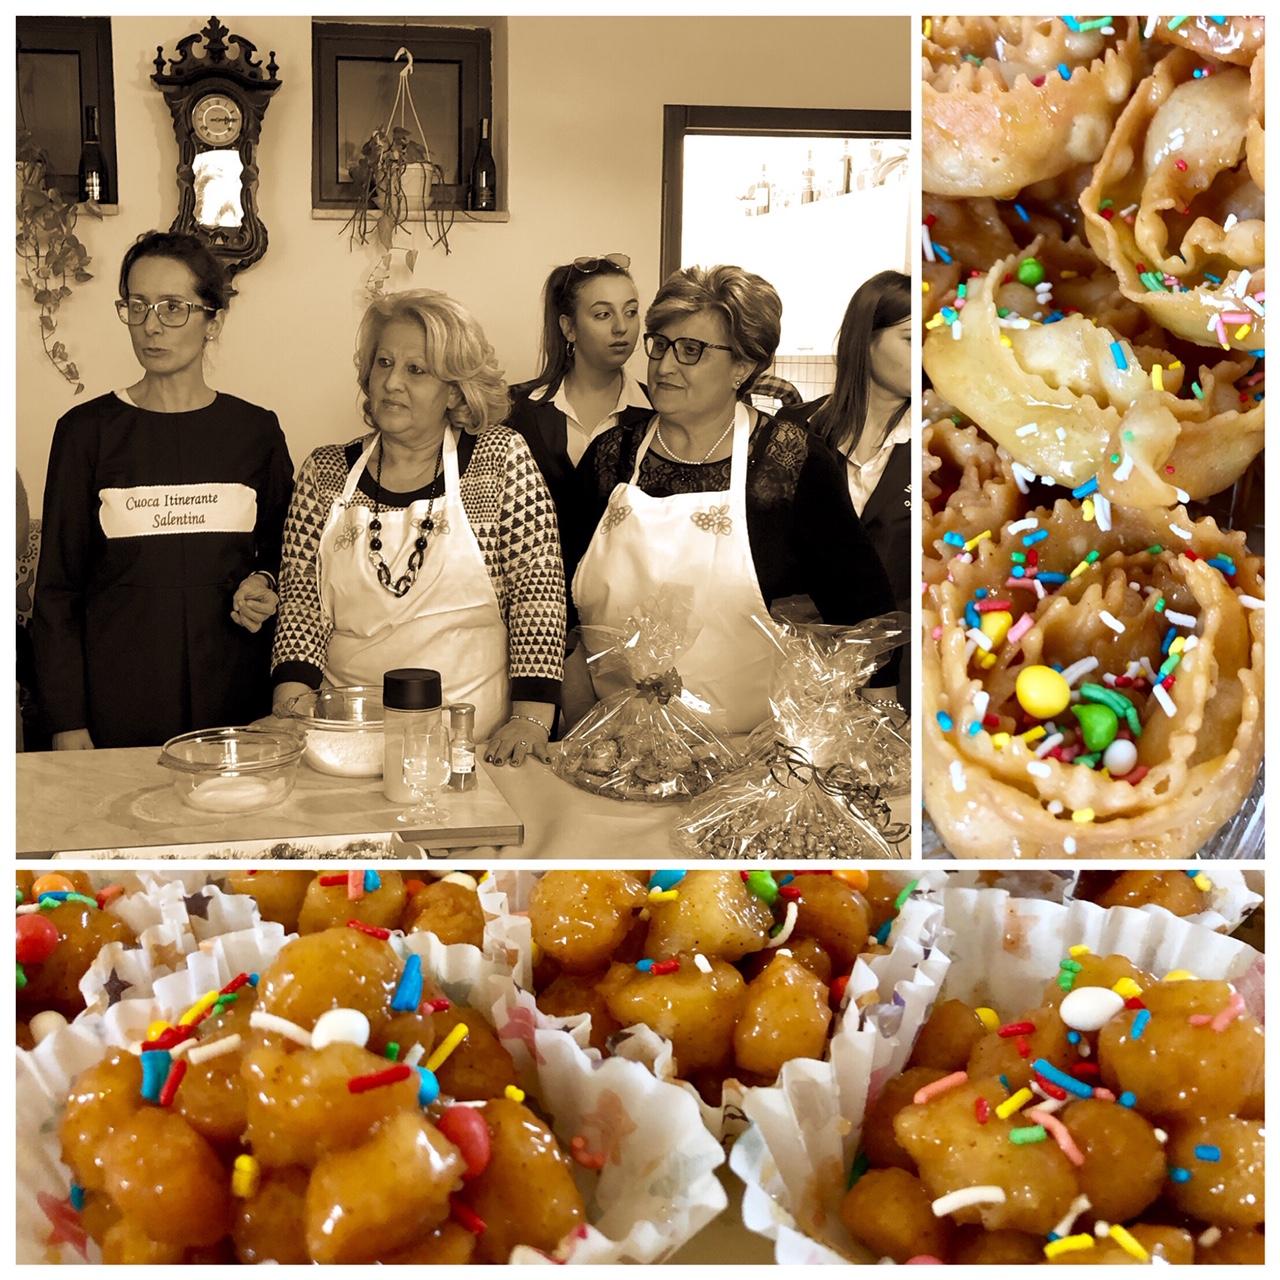 I dolci di Natale del Salento purceddhruzzi e carteddhrate